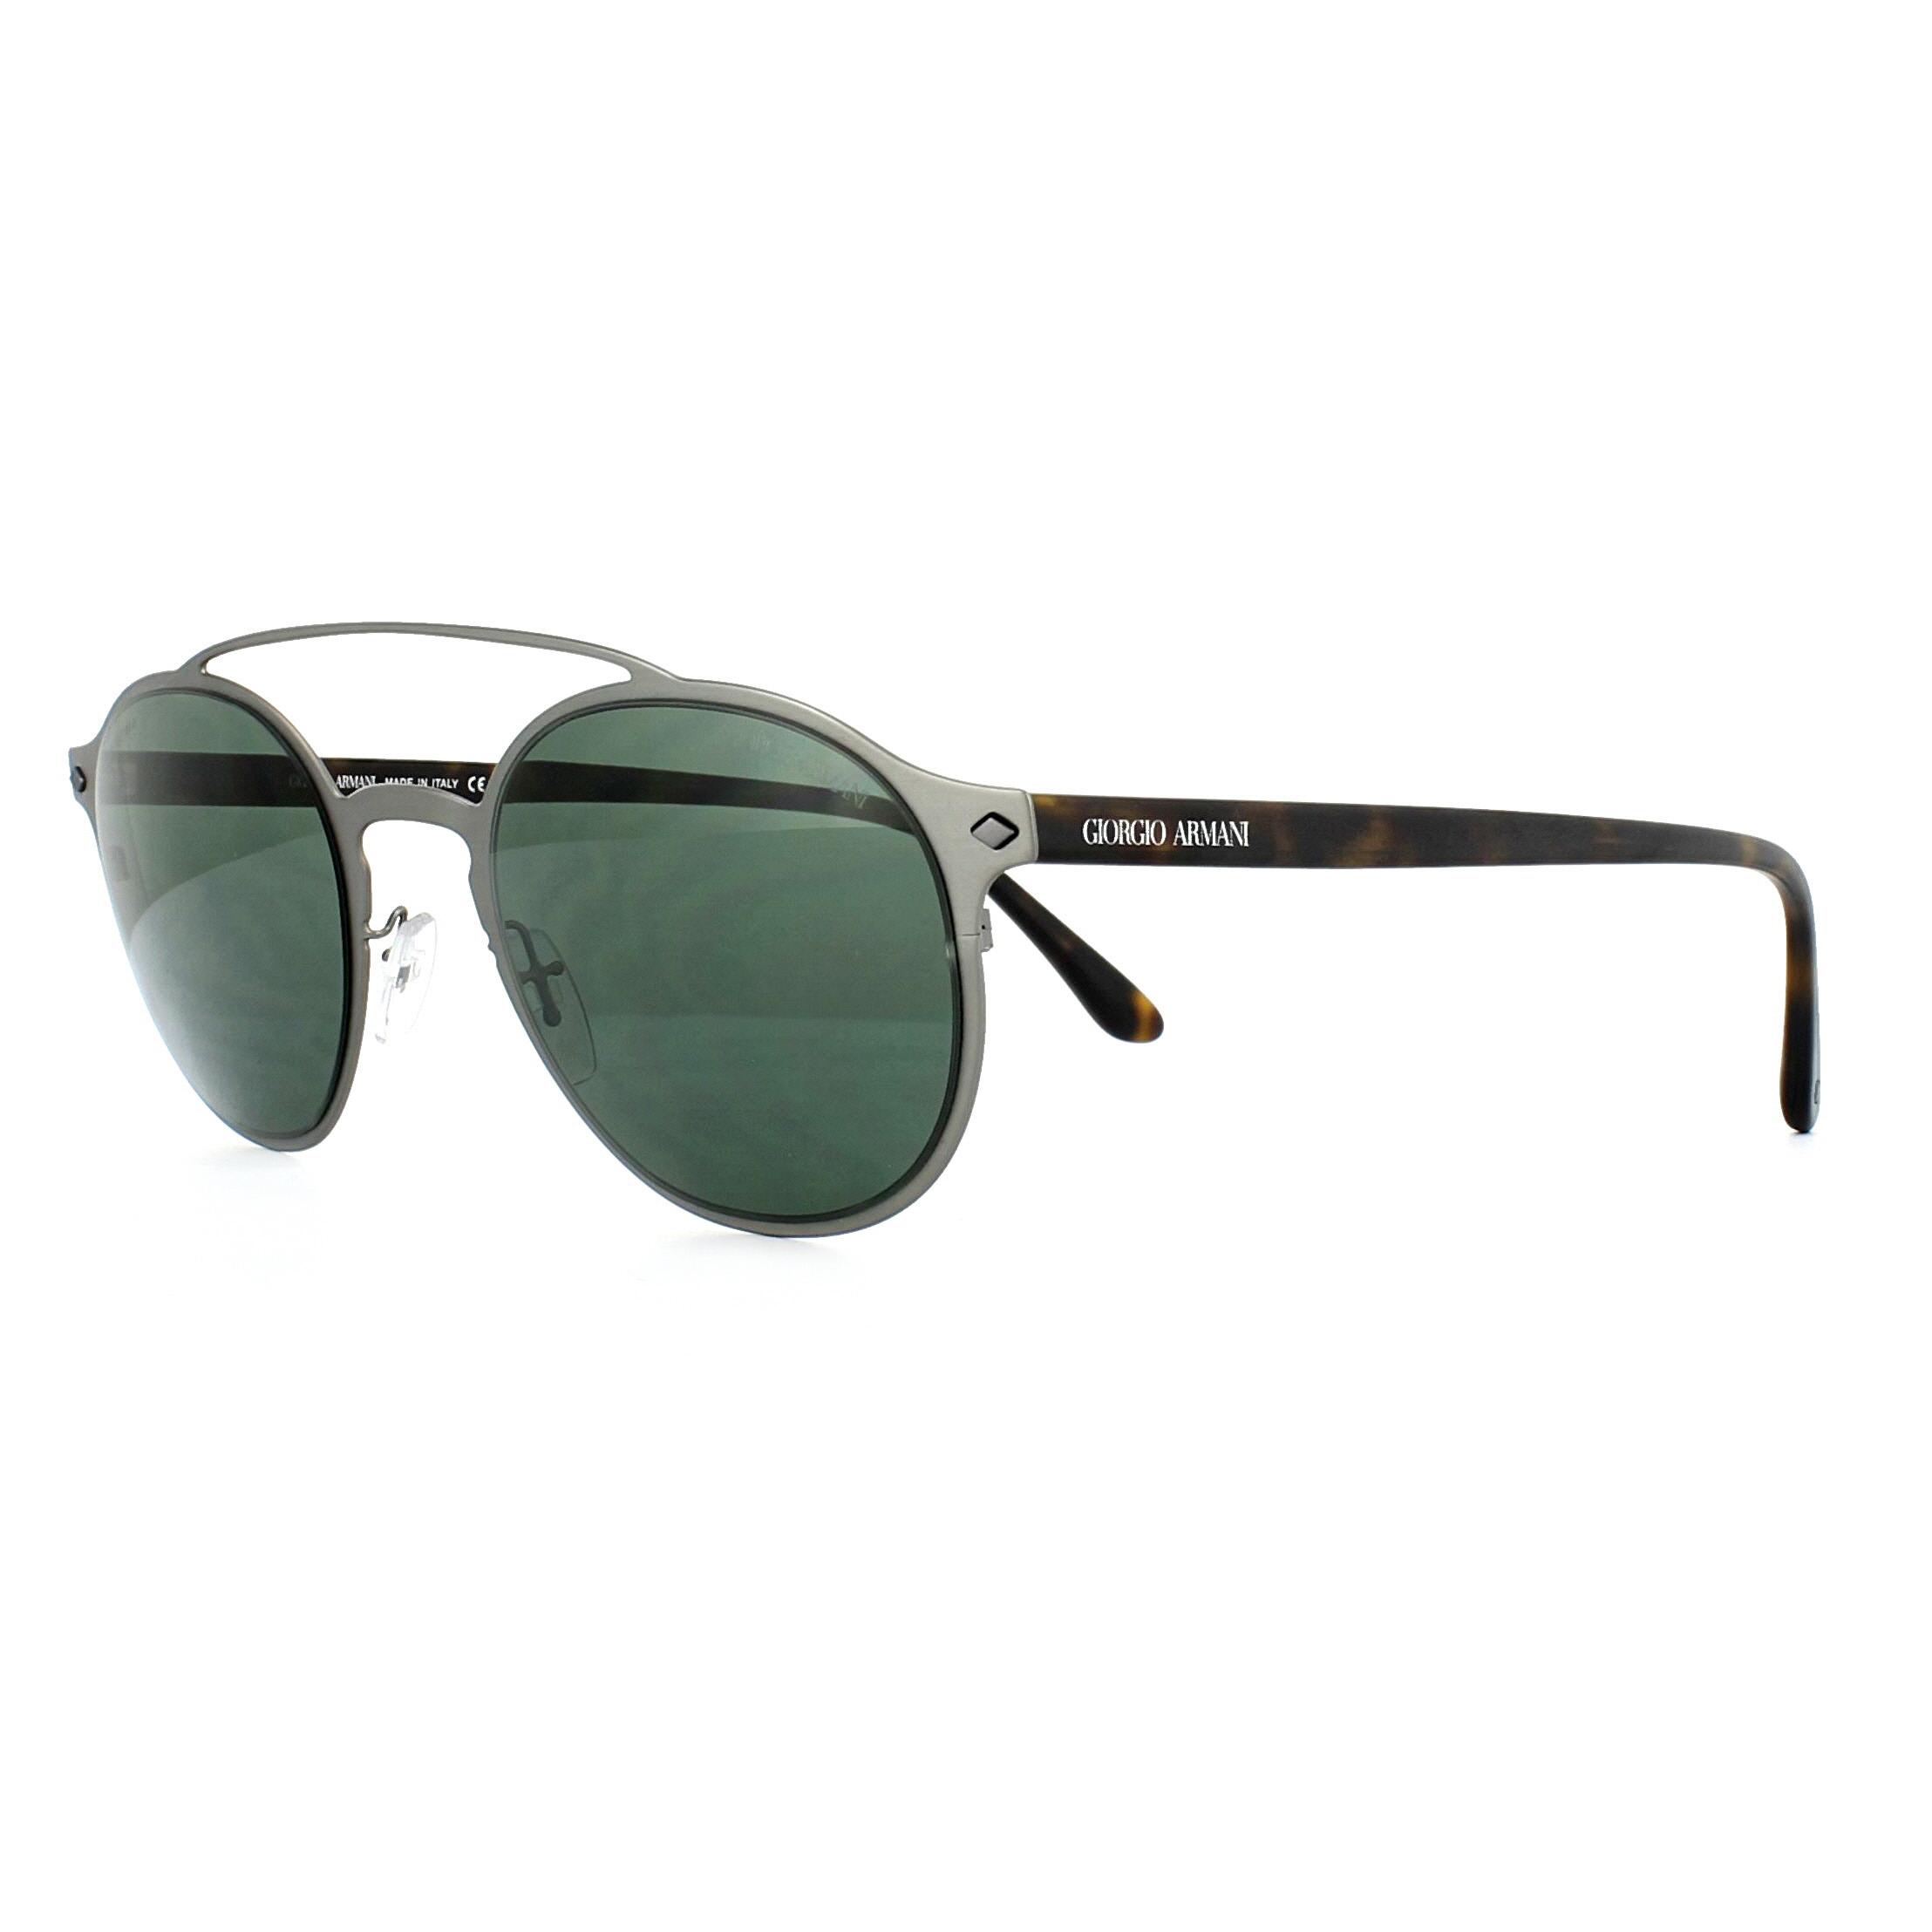 552e8d05acb Sentinel Giorgio Armani Sunglasses AR6041 303271 Matte Gunmetal Green